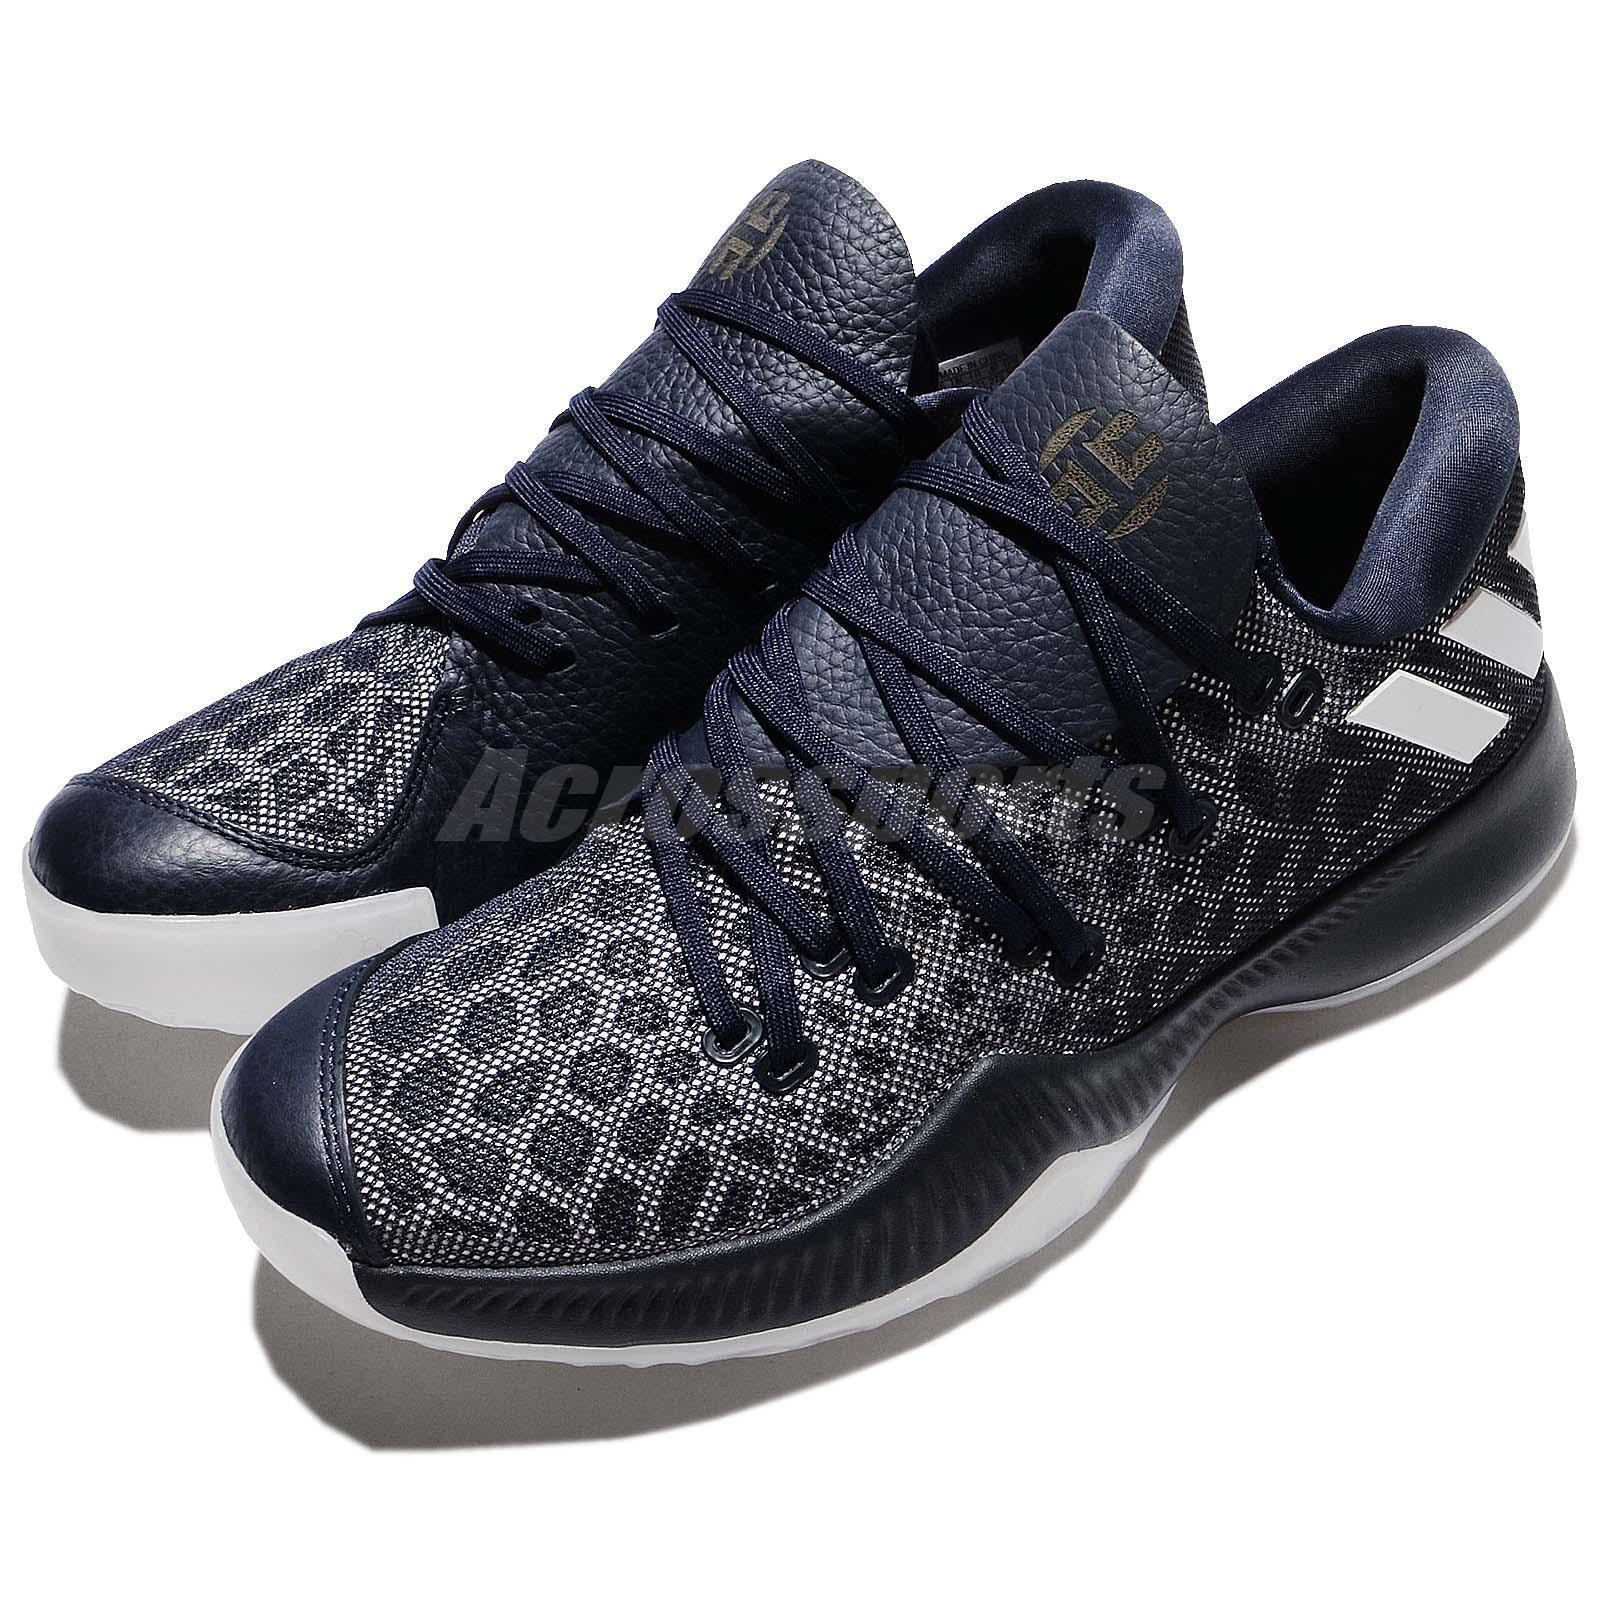 Adidas Harden B / e Bounce James 13 de Collegiate Navy hombres zapatillas de 13 baloncesto cg4195 2b510a